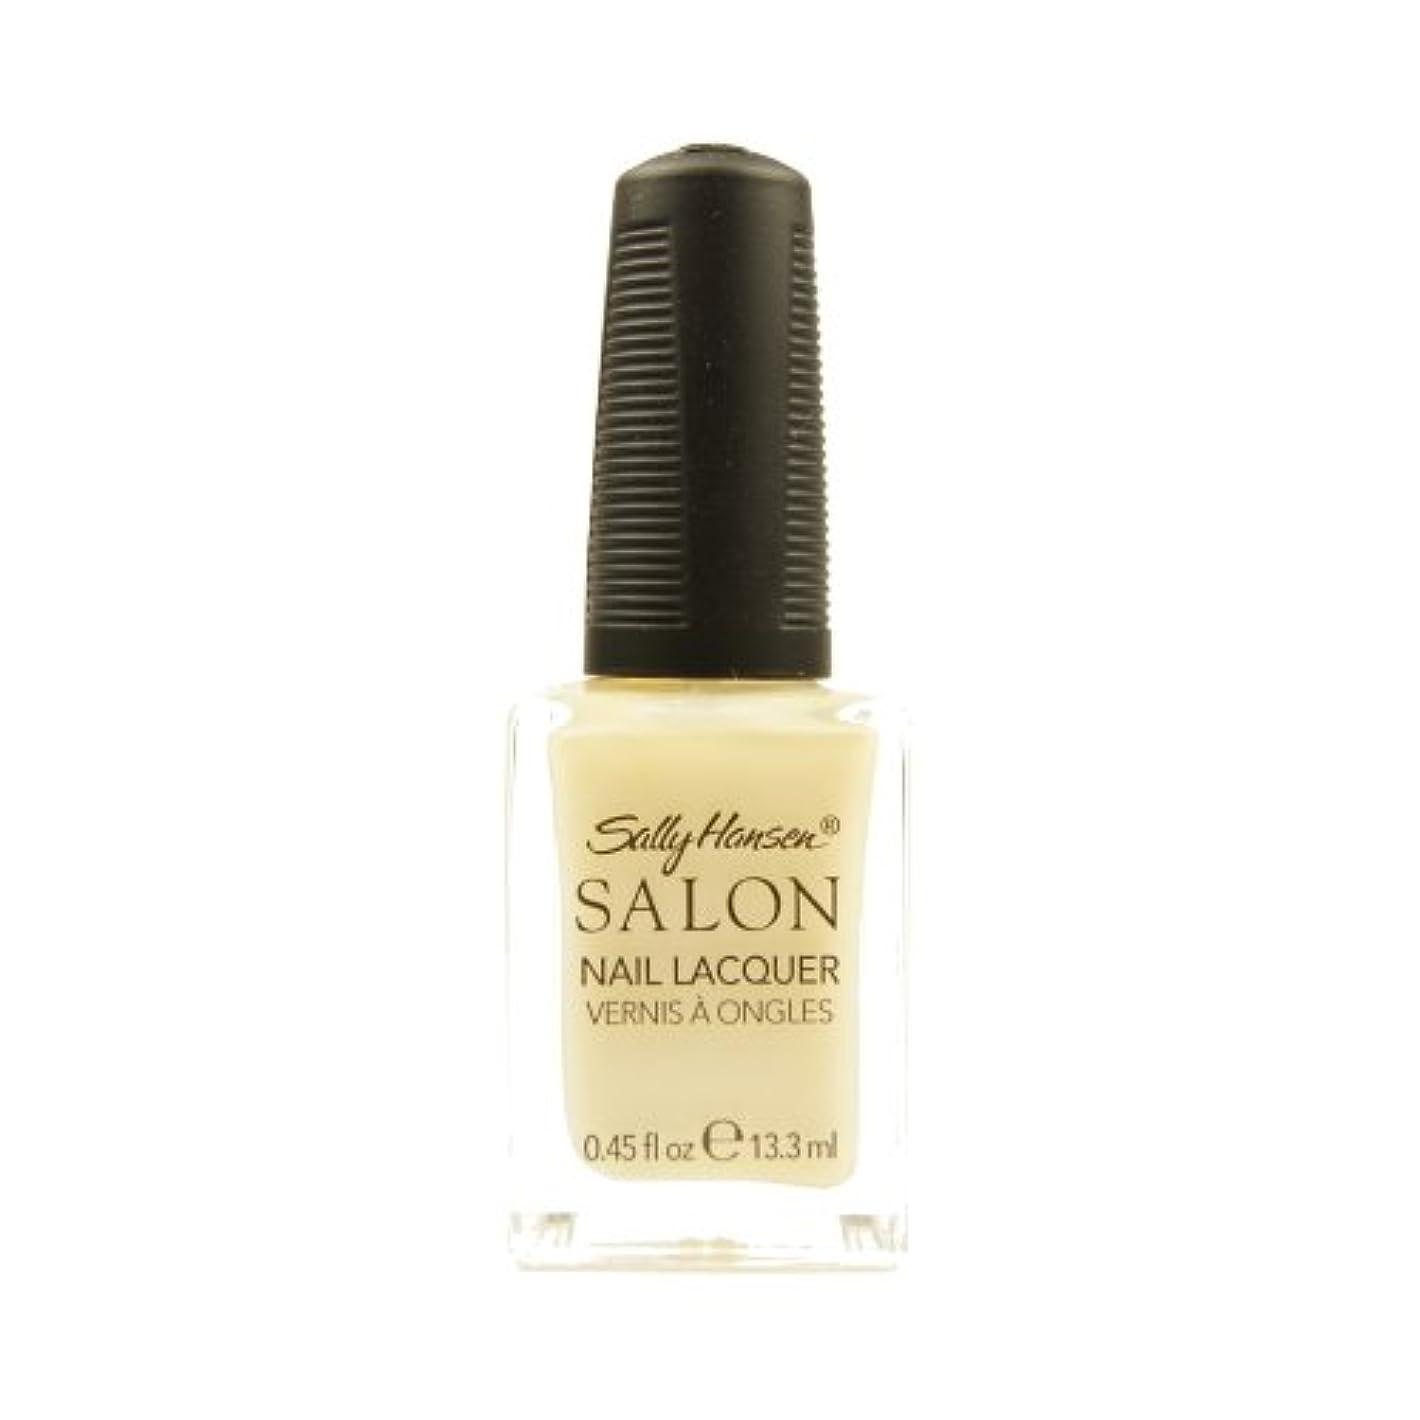 デコレーショントーン買い物に行くSALLY HANSEN Salon Nail Lacquer 4134 - Sheer Pressure (並行輸入品)